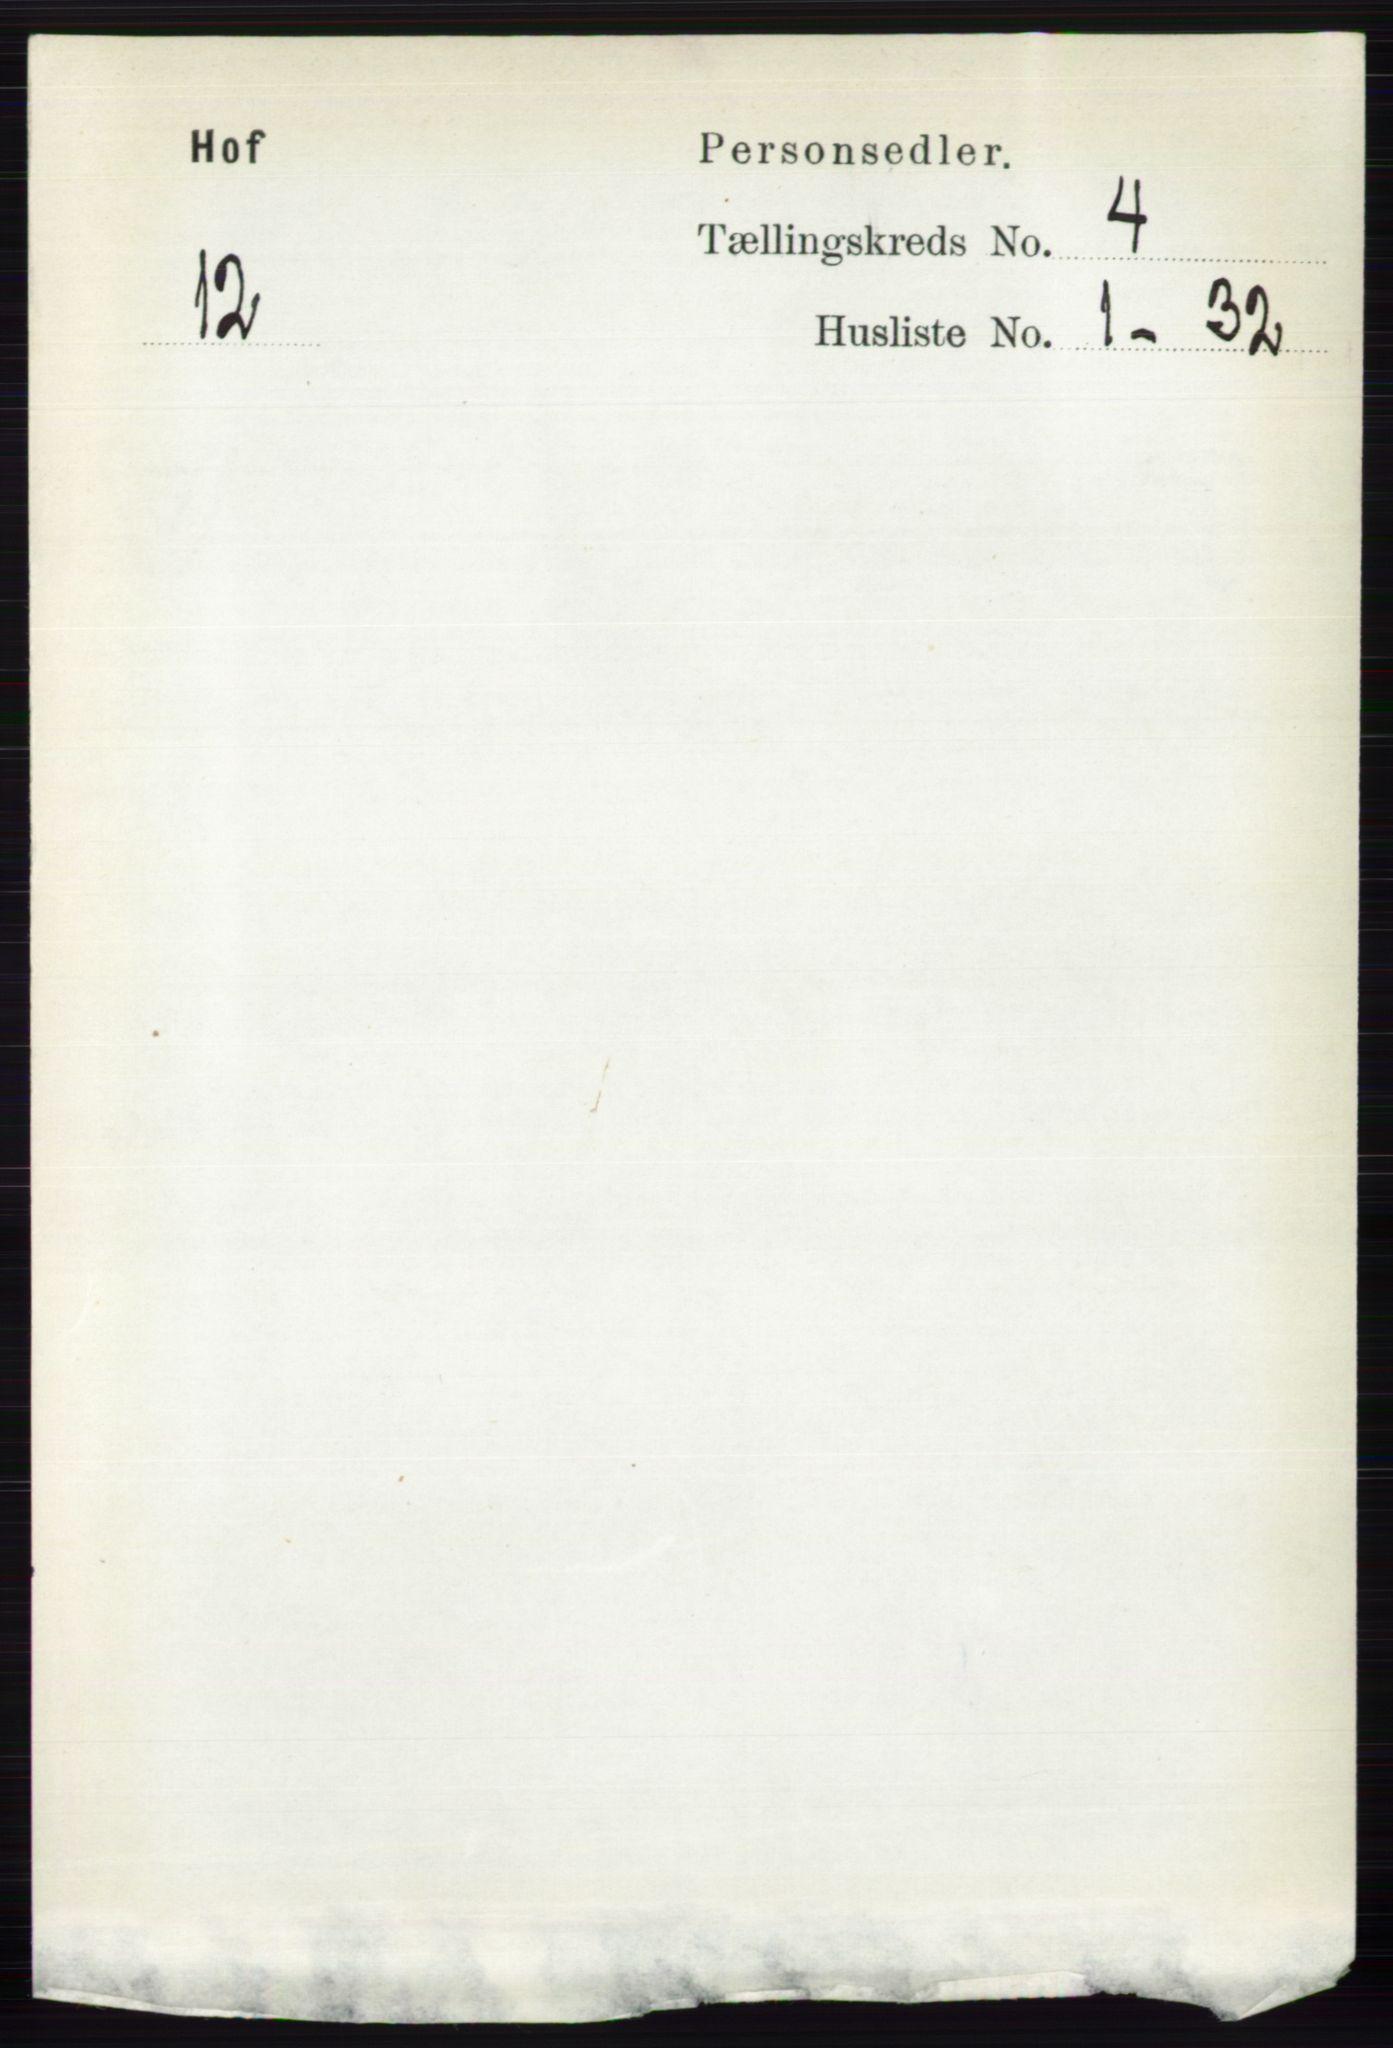 RA, Folketelling 1891 for 0424 Hof herred, 1891, s. 1439